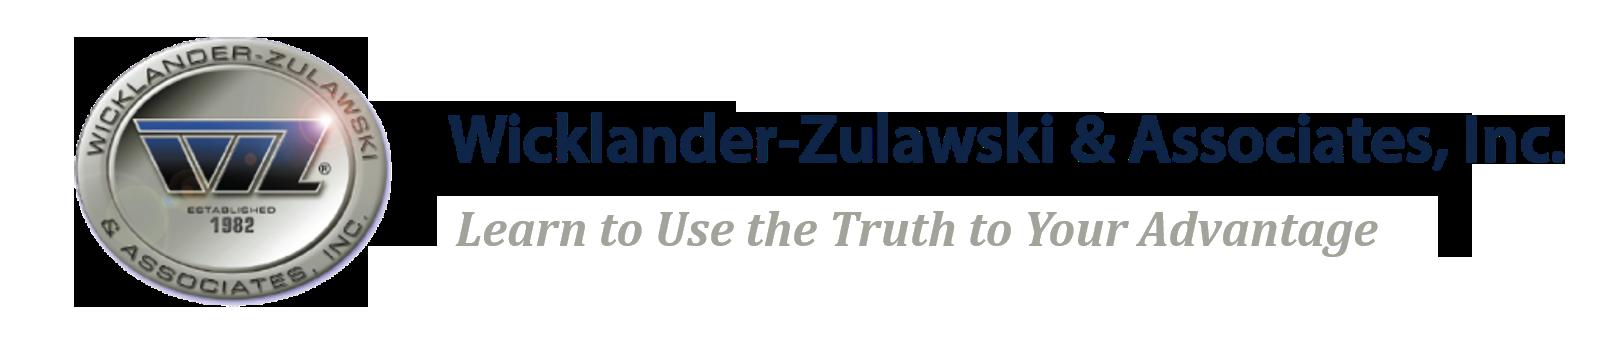 Wicklander-Zulawski